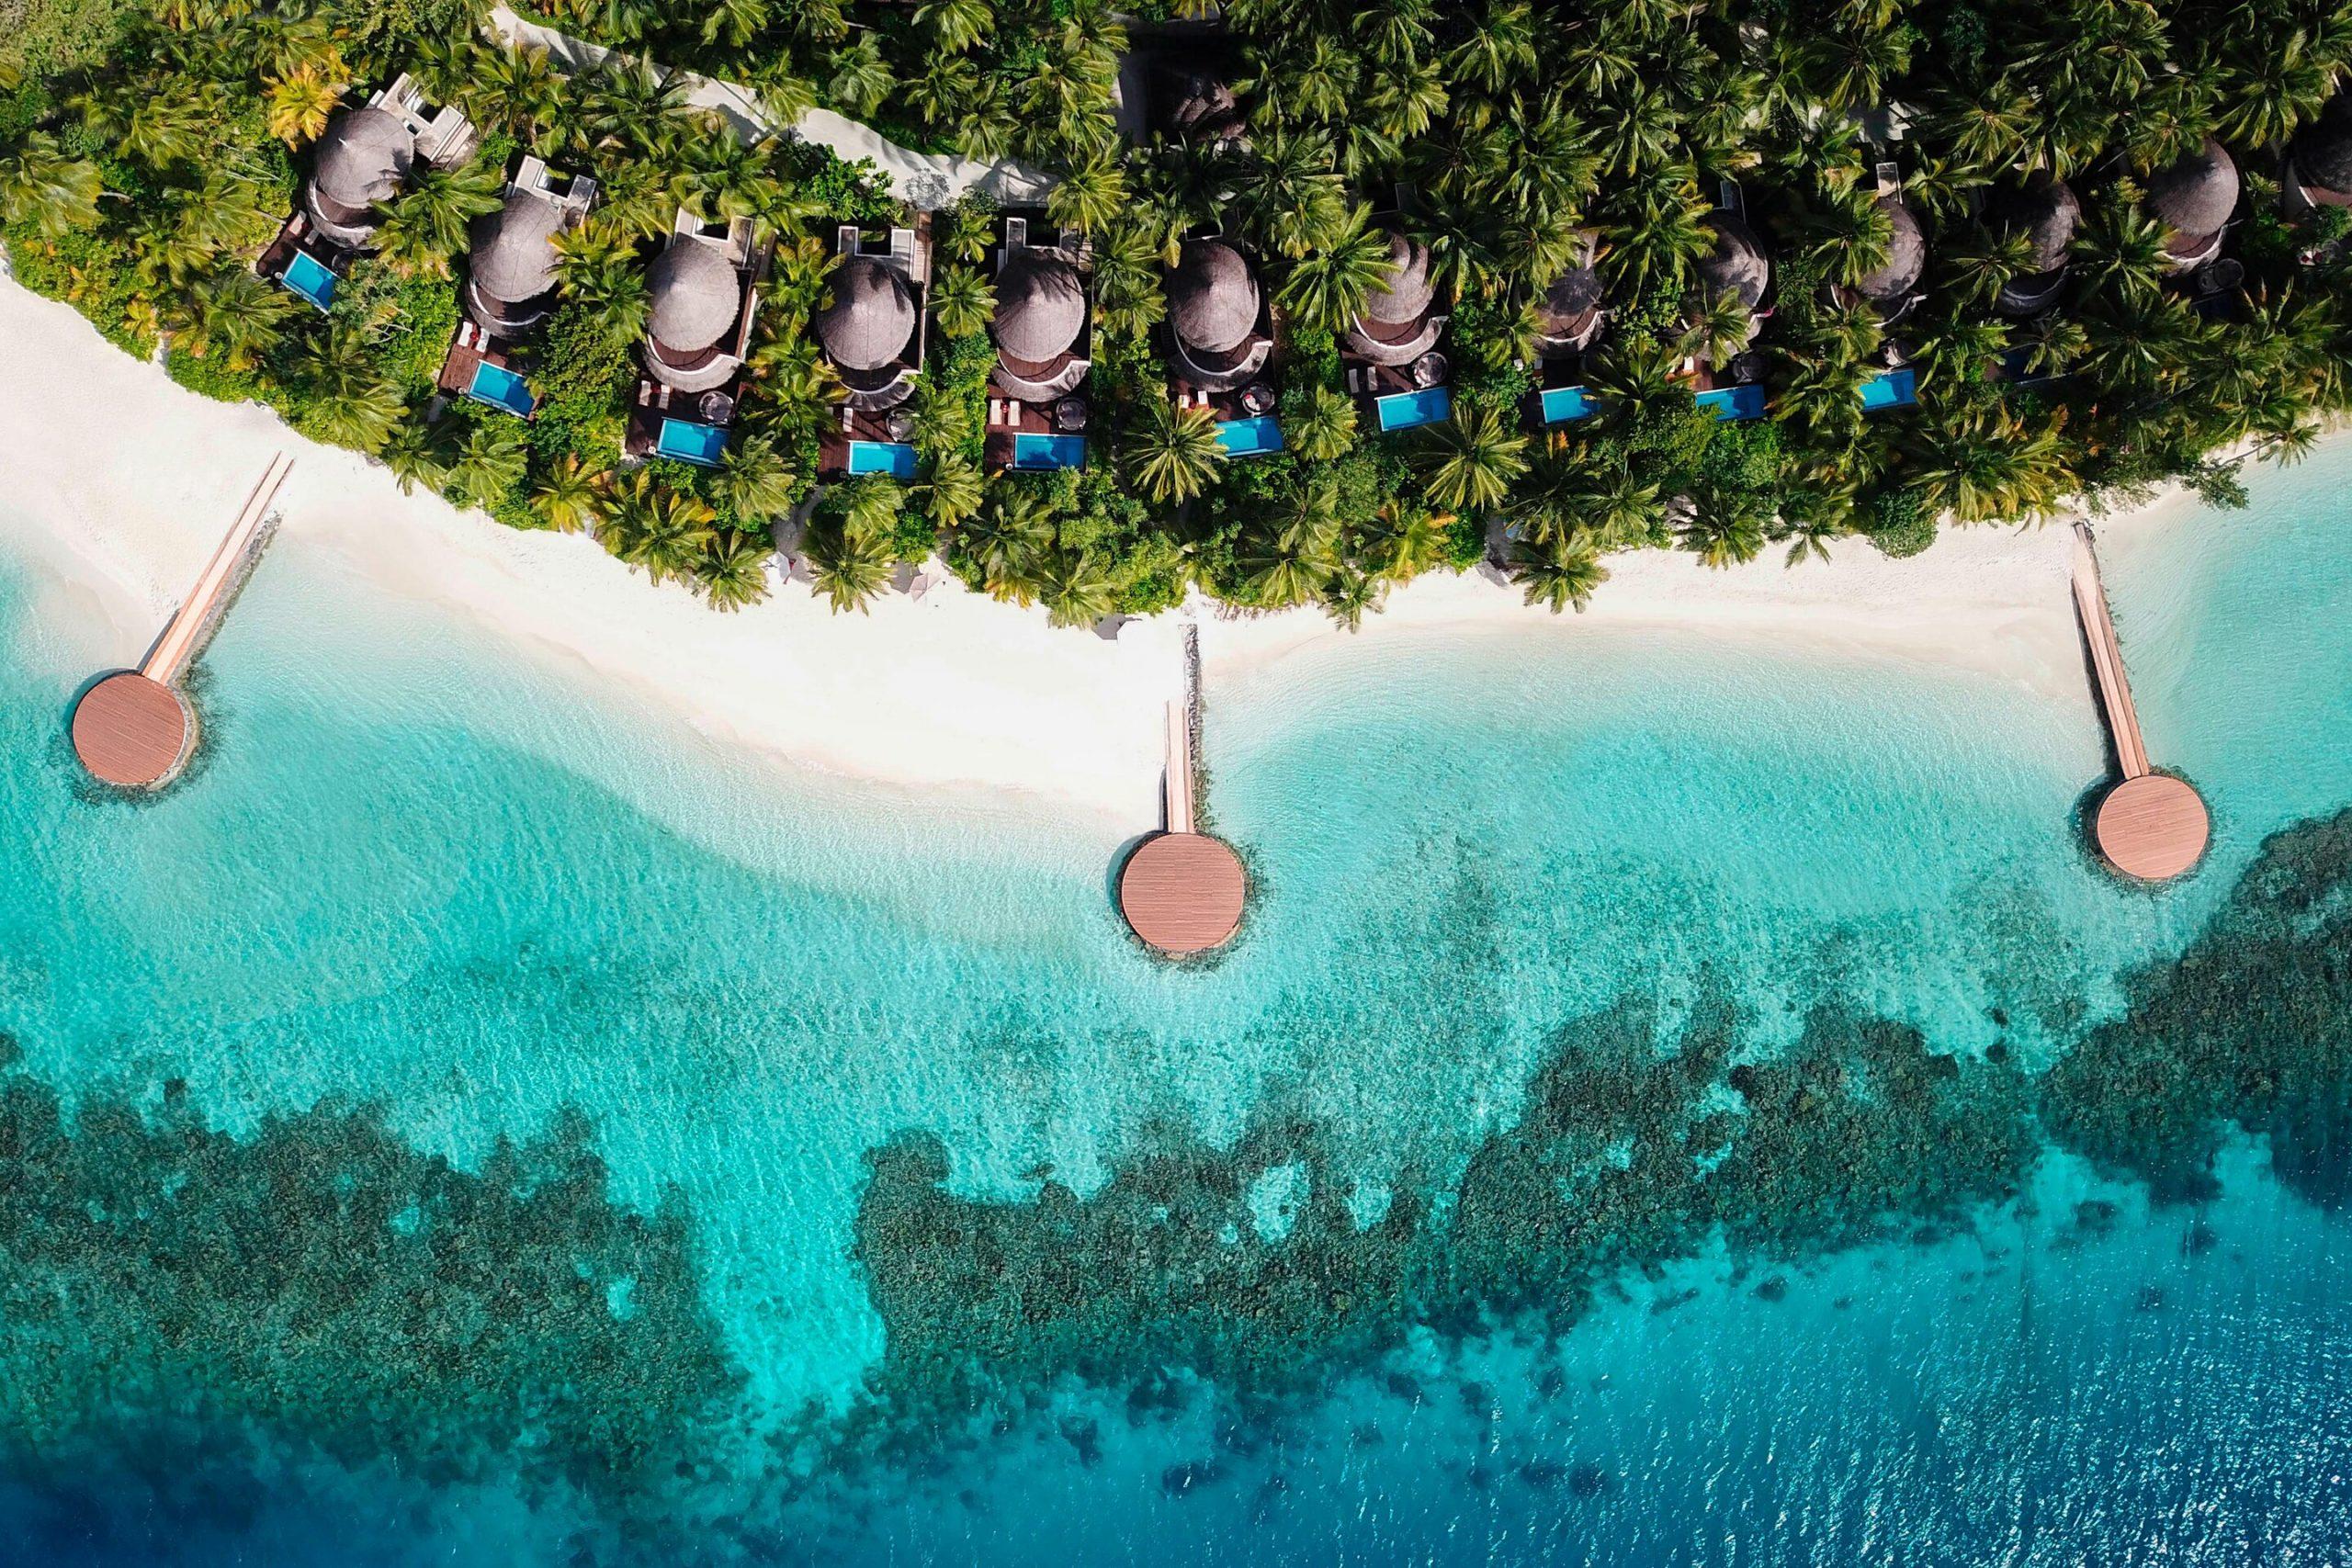 mlewh-beach-aerial-view-7673-hor-clsc